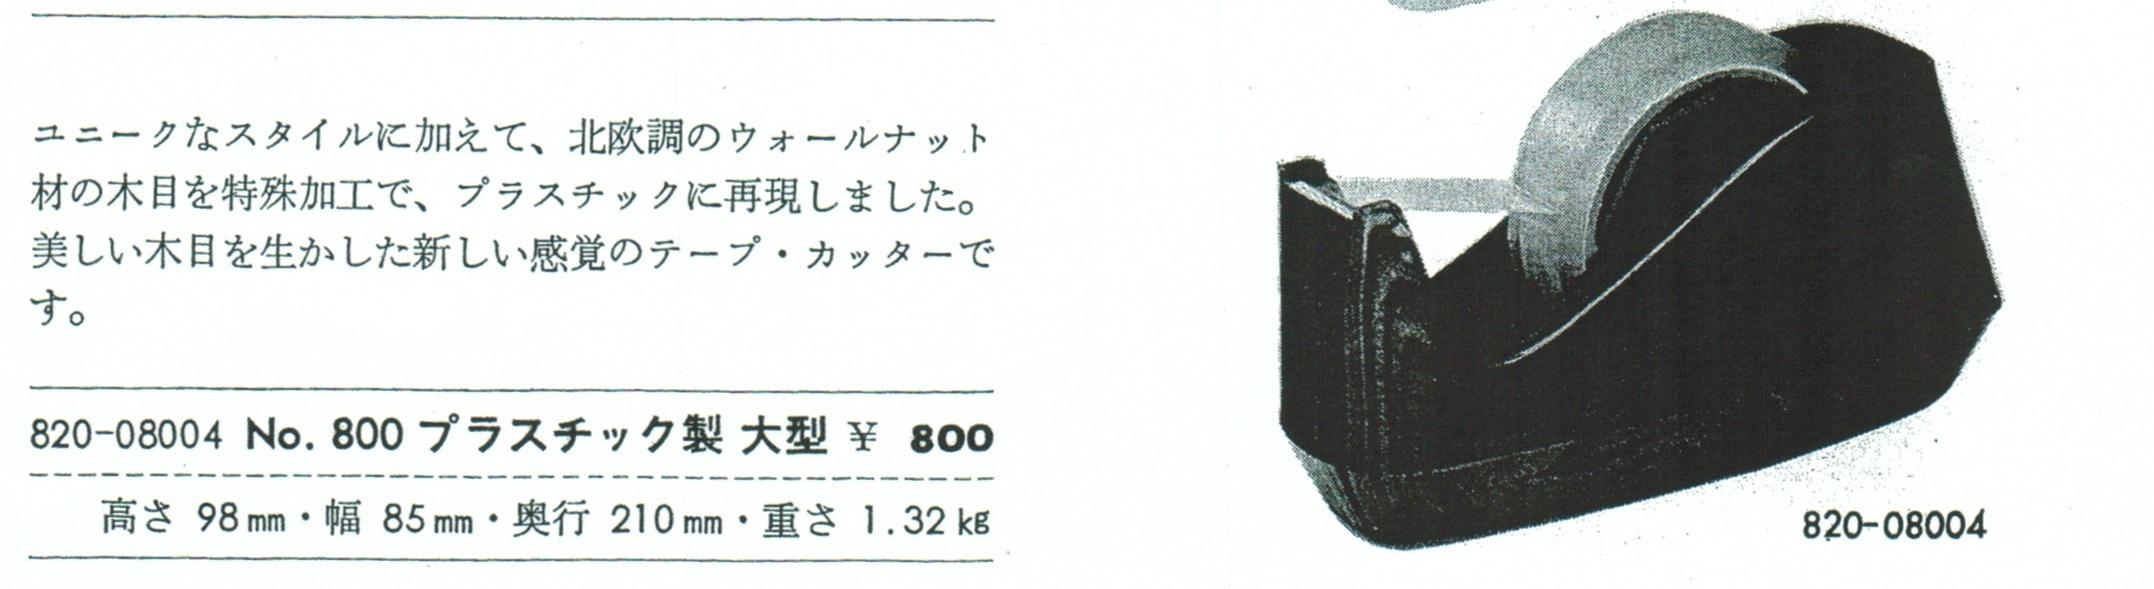 ライオン事務器 テープカッター no25_b0141474_22475940.jpg